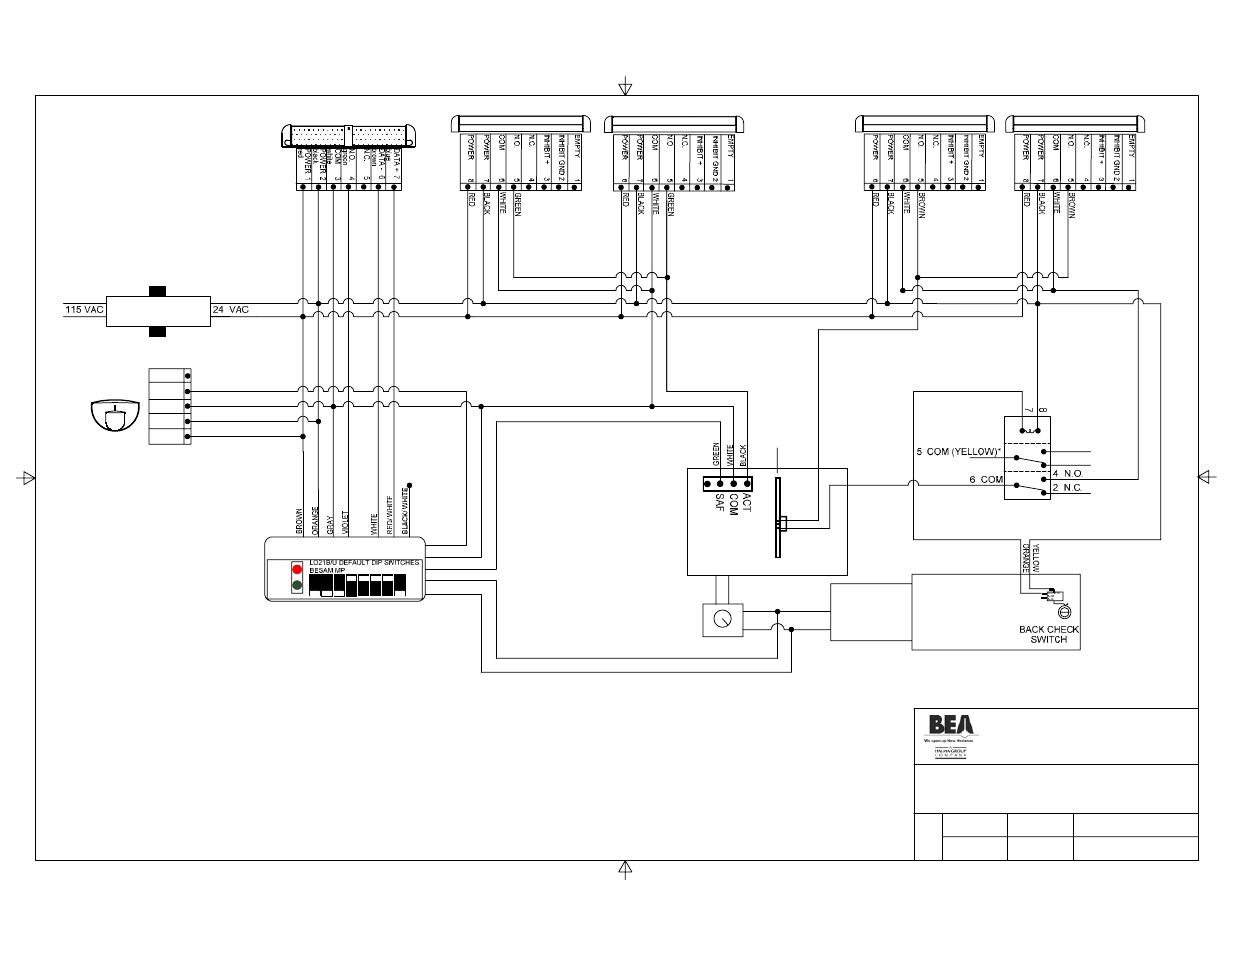 horton c2150 wiring diagram basic lighting profiler series 2000